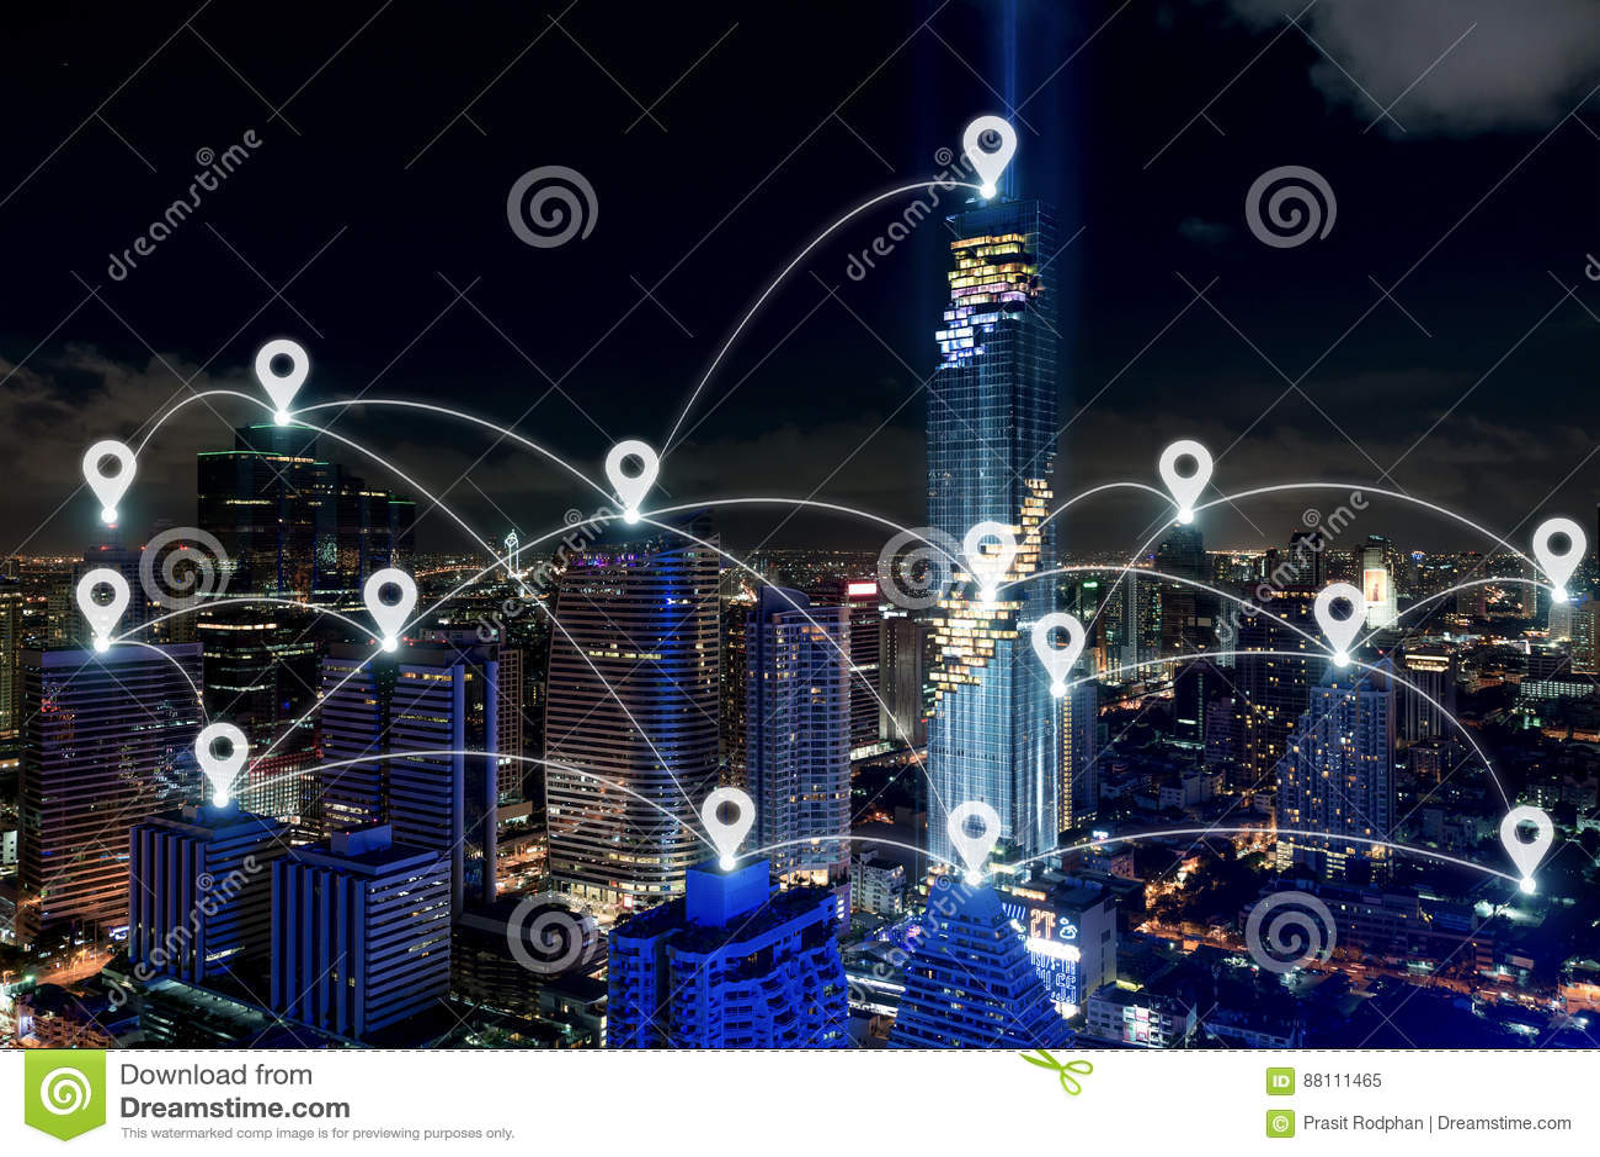 Kartlägga stiftet på det smarta stads- och radiokommunikationsnätverket, busine